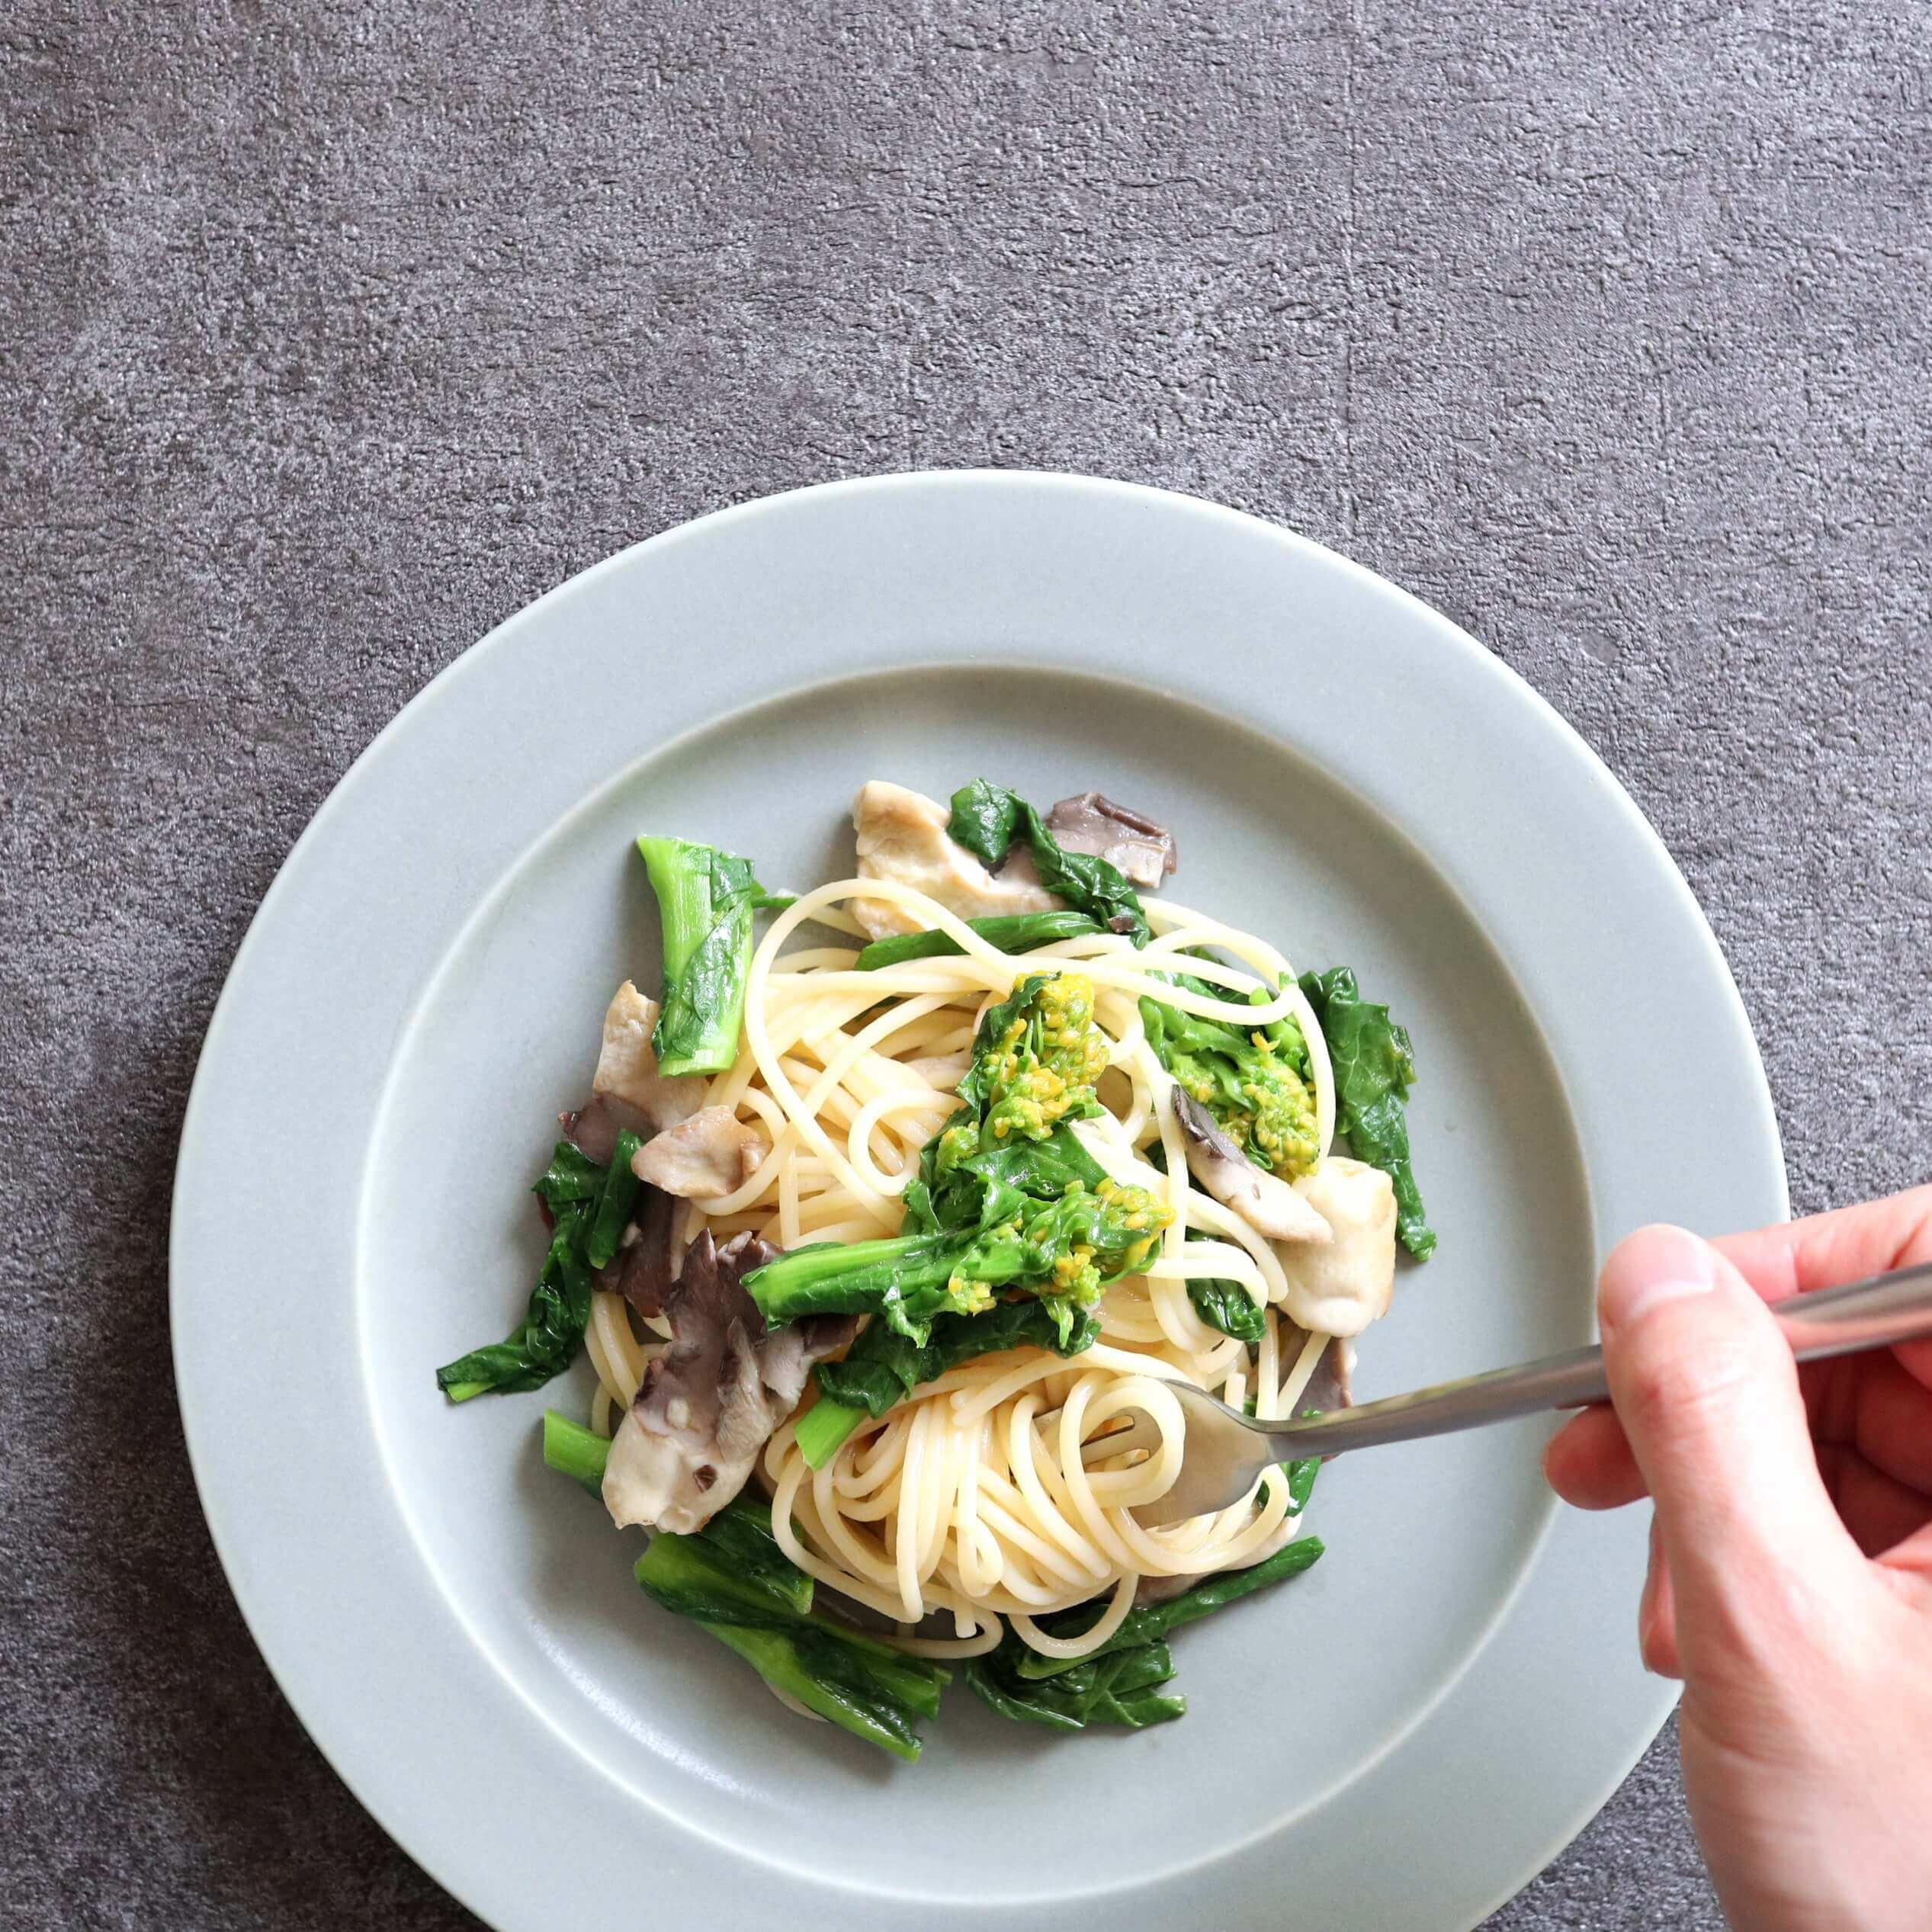 【超簡単】菜の花とあわび茸のオイルパスタのレシピ